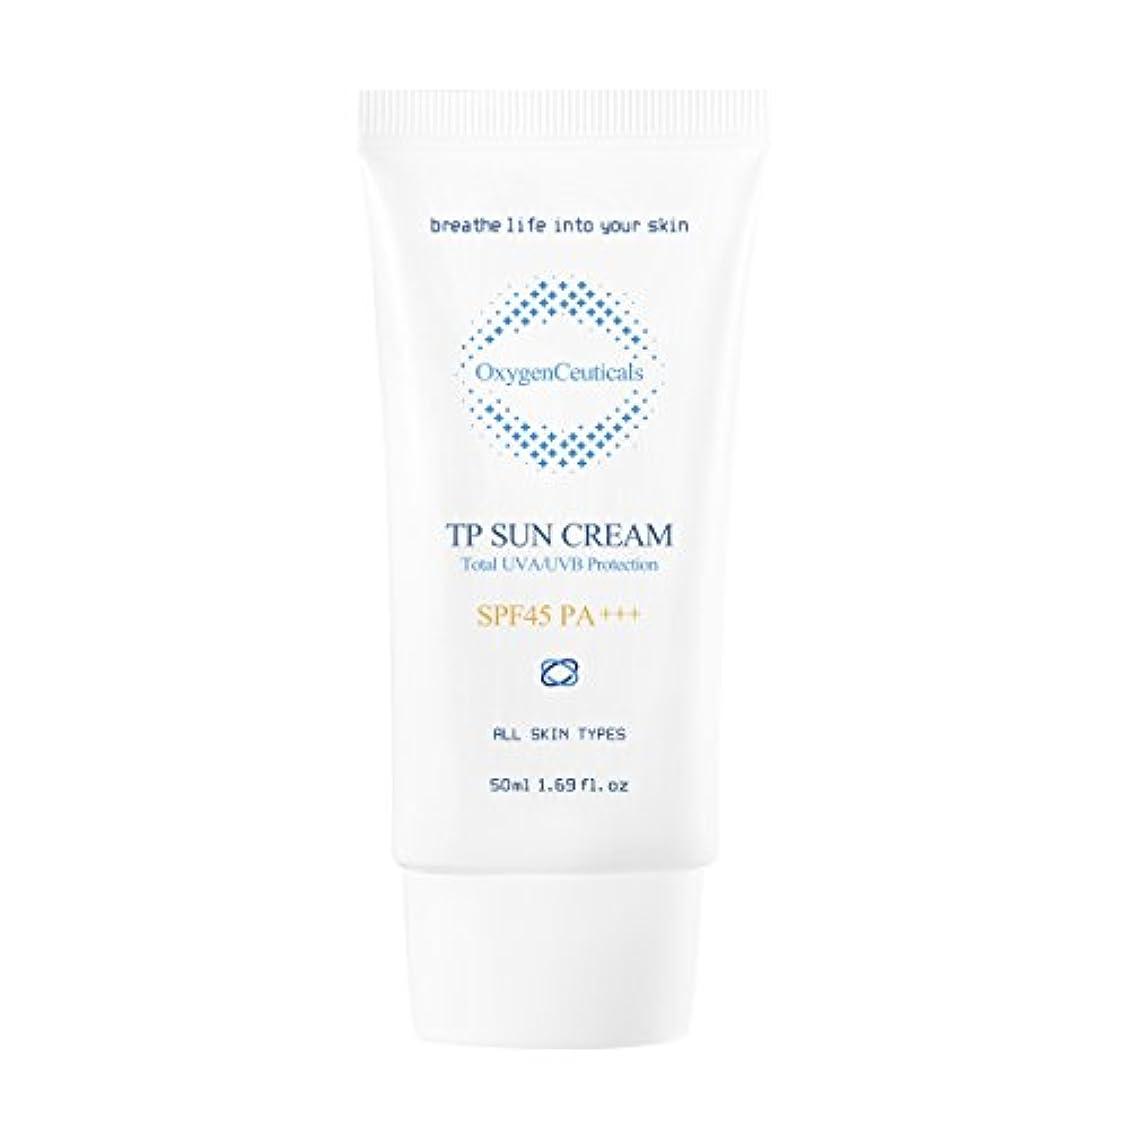 再発する作ります高齢者オキシジェンシューティカルズ 酸素サンクリーム(保湿日焼け止め) 50ml. TP Sun Cream 50ml. [SPF45 PA+++] X Mask Pack 1p.